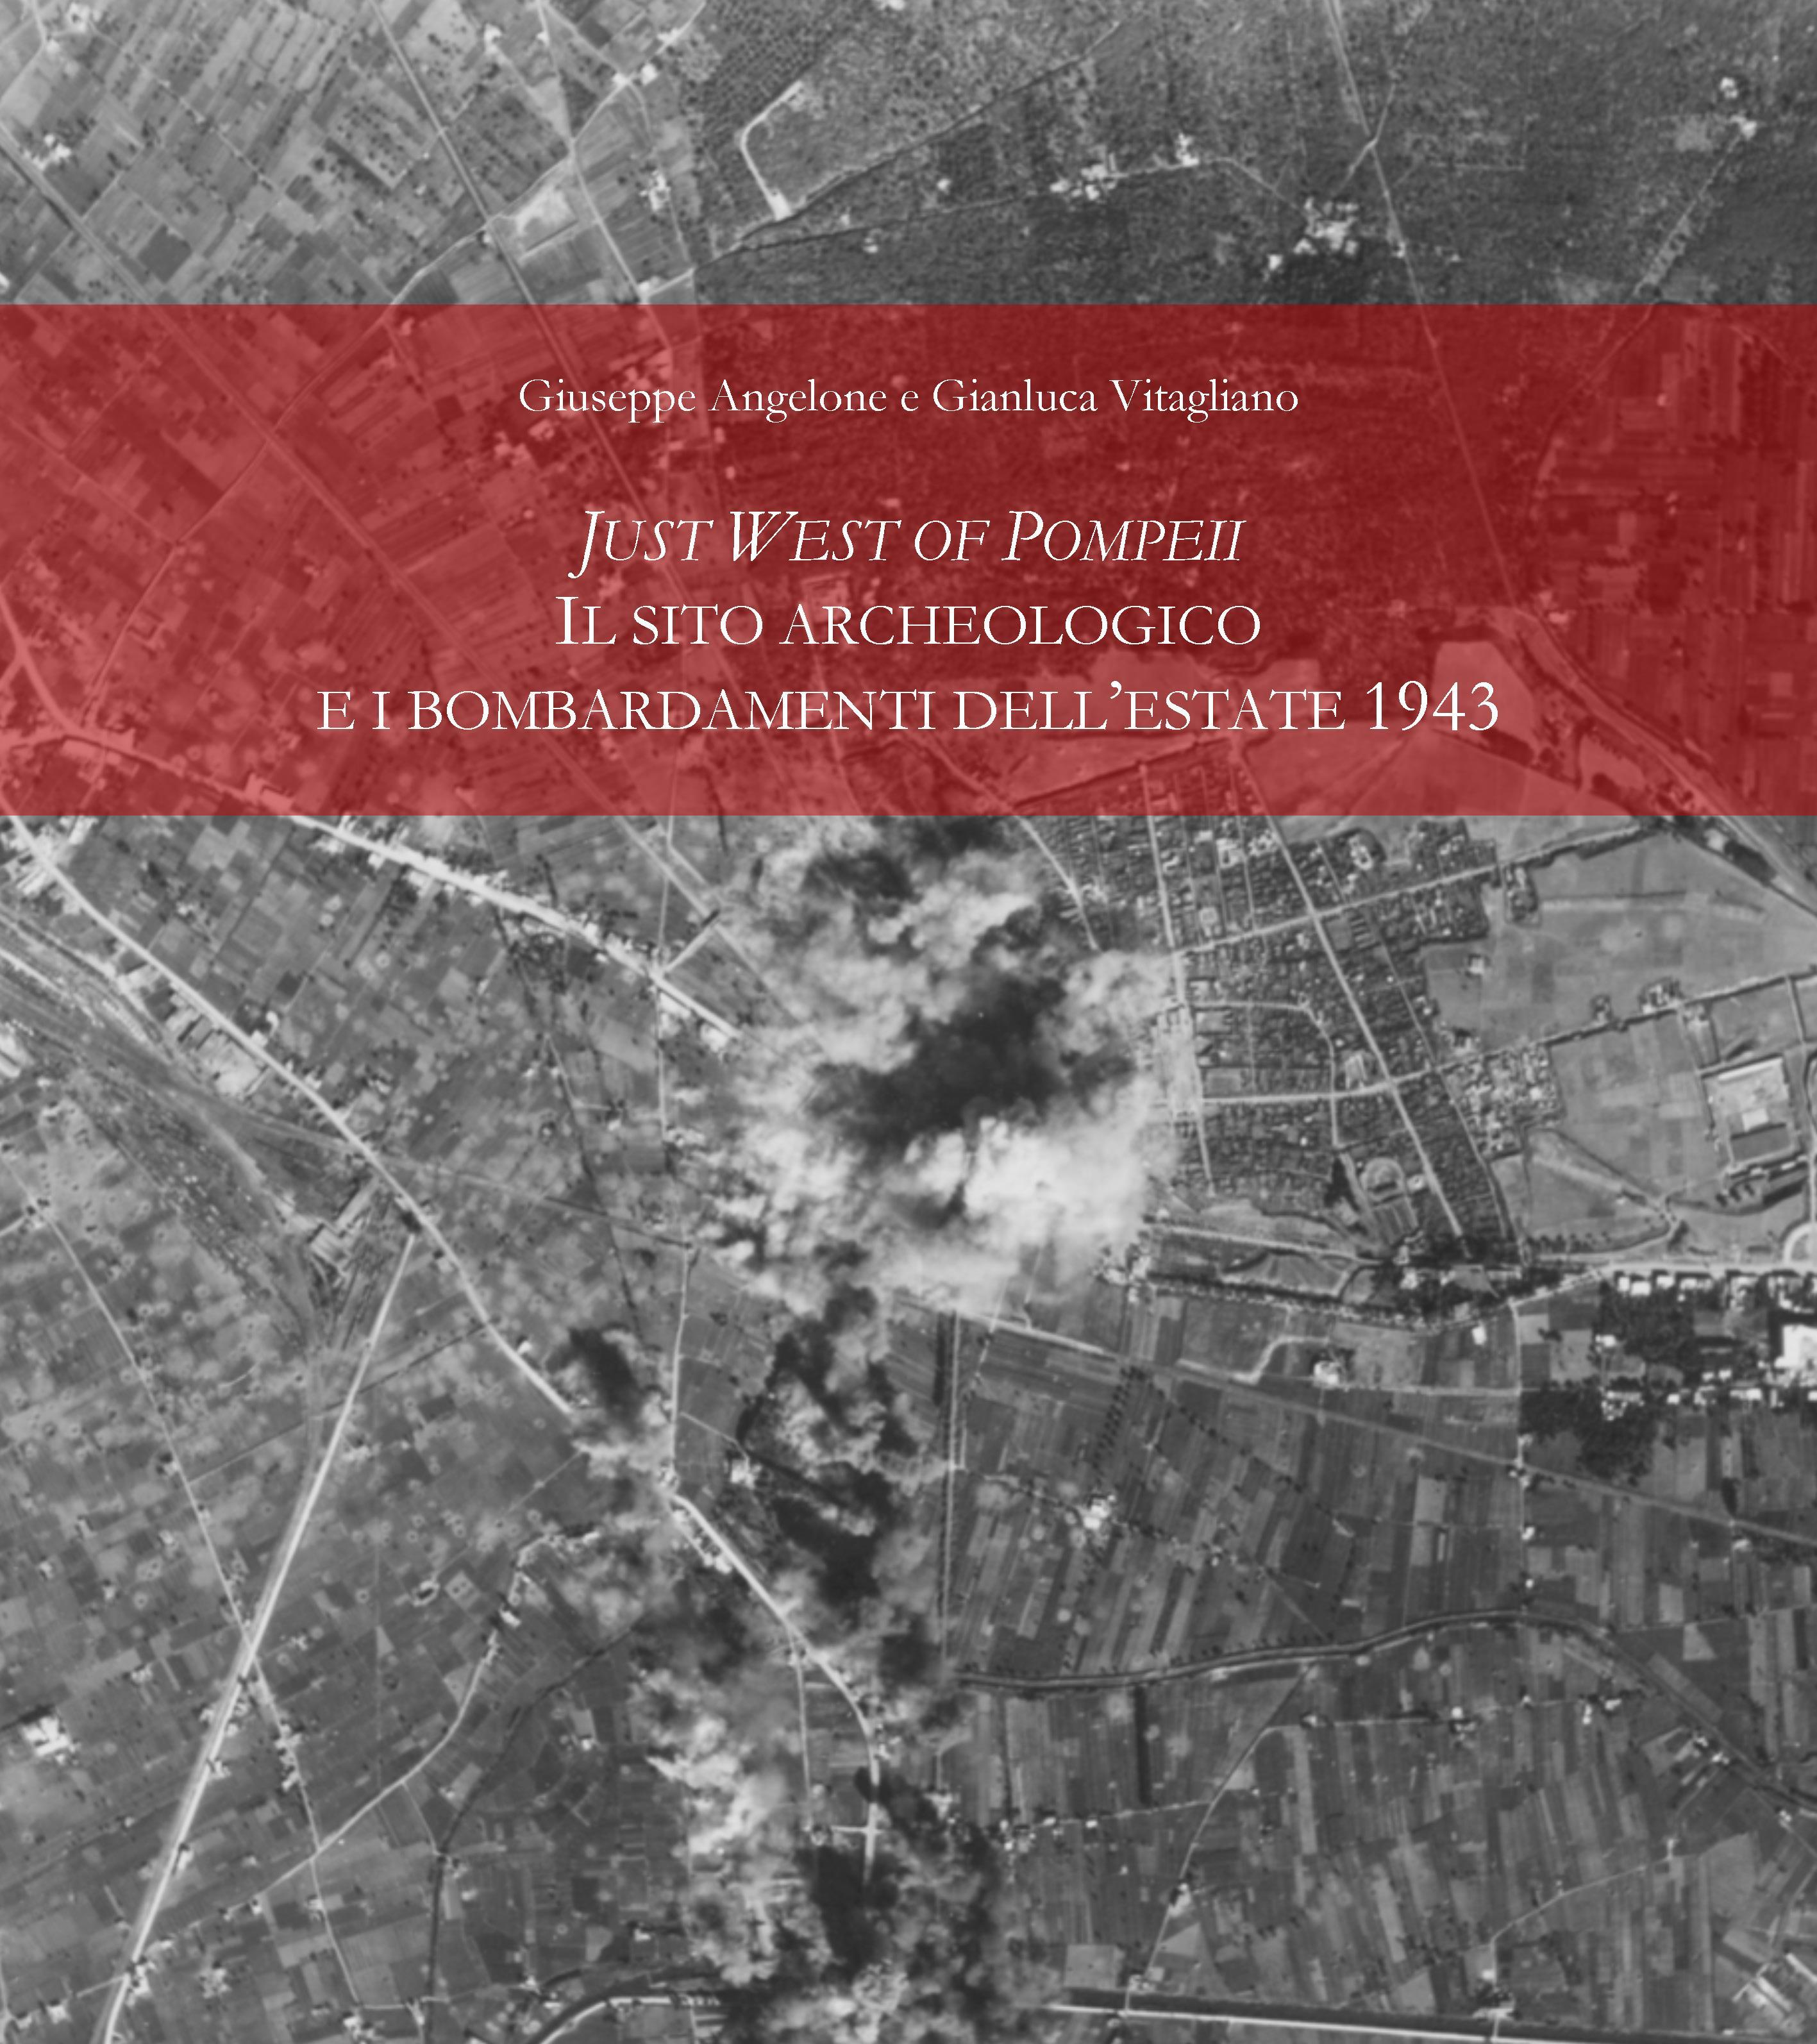 Just West of Pompei. Il sito archeologico e i bombardamenti dell'estate 1943